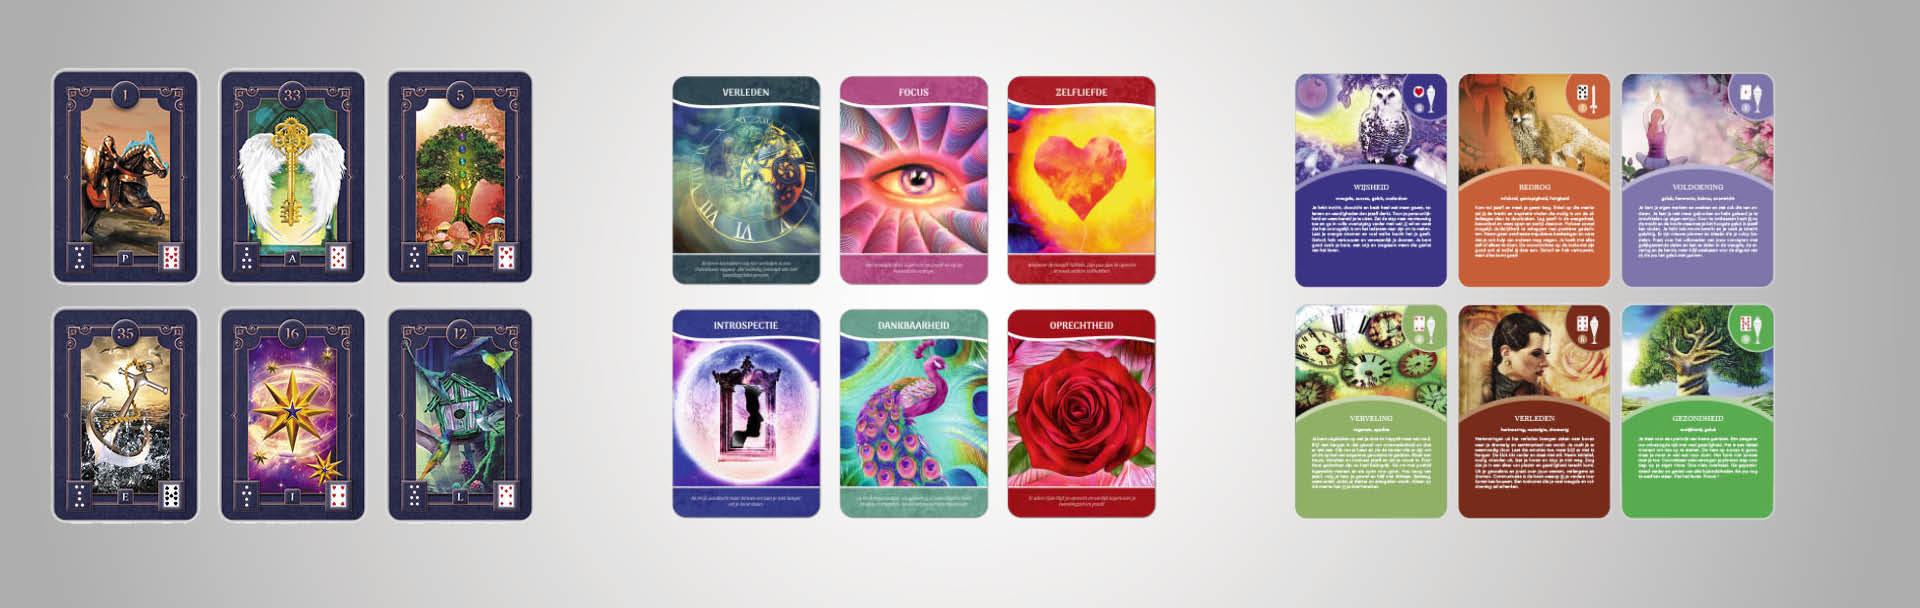 fabio-vinago-waarzegkaarten